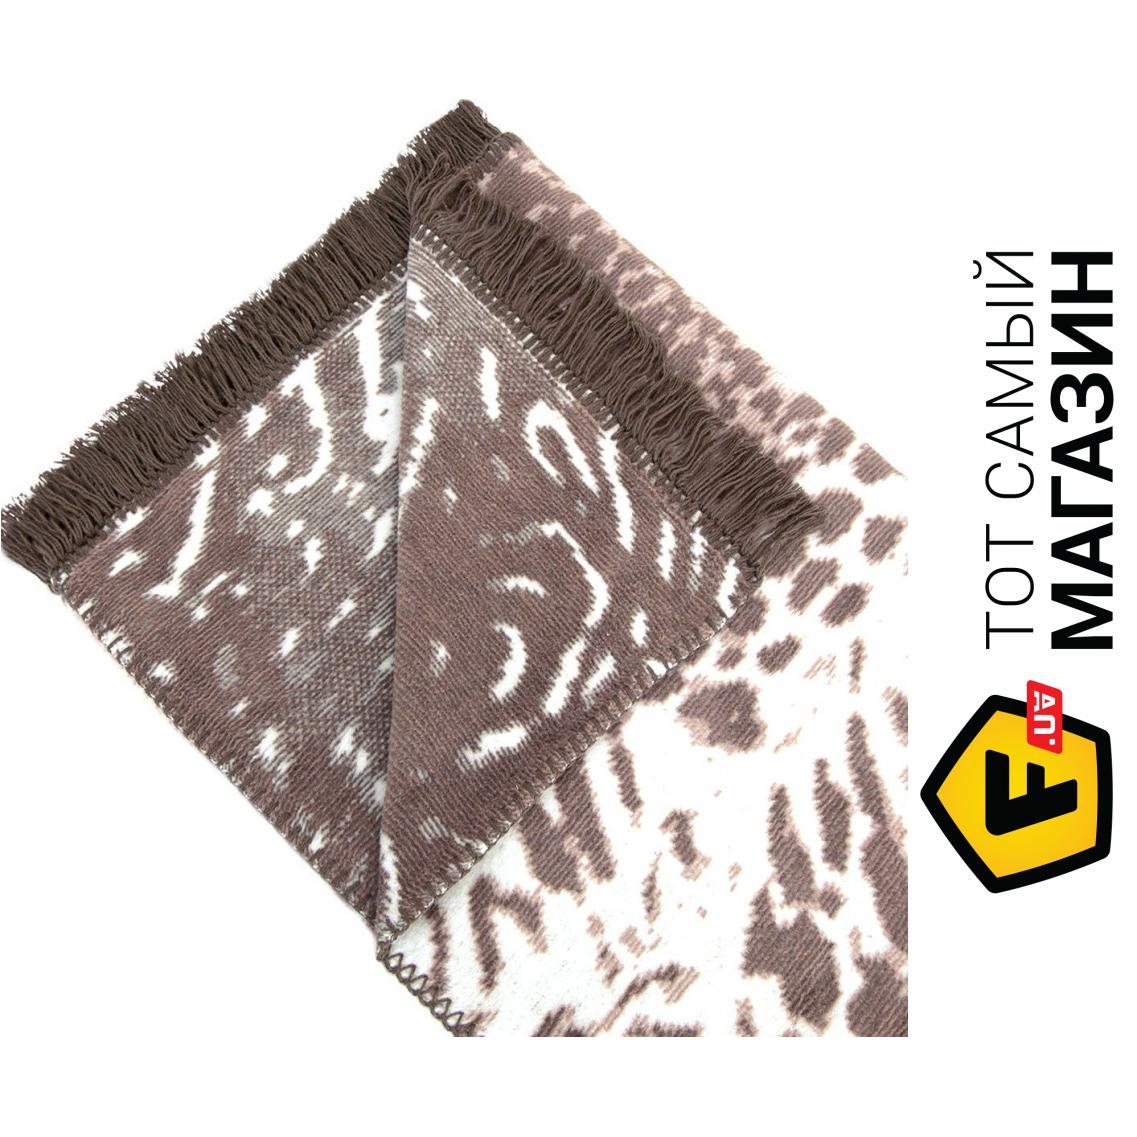 Плед двуспальное 220 x 200 см легкое коричневый Arya Плед Arya ... 9c076014ca01d